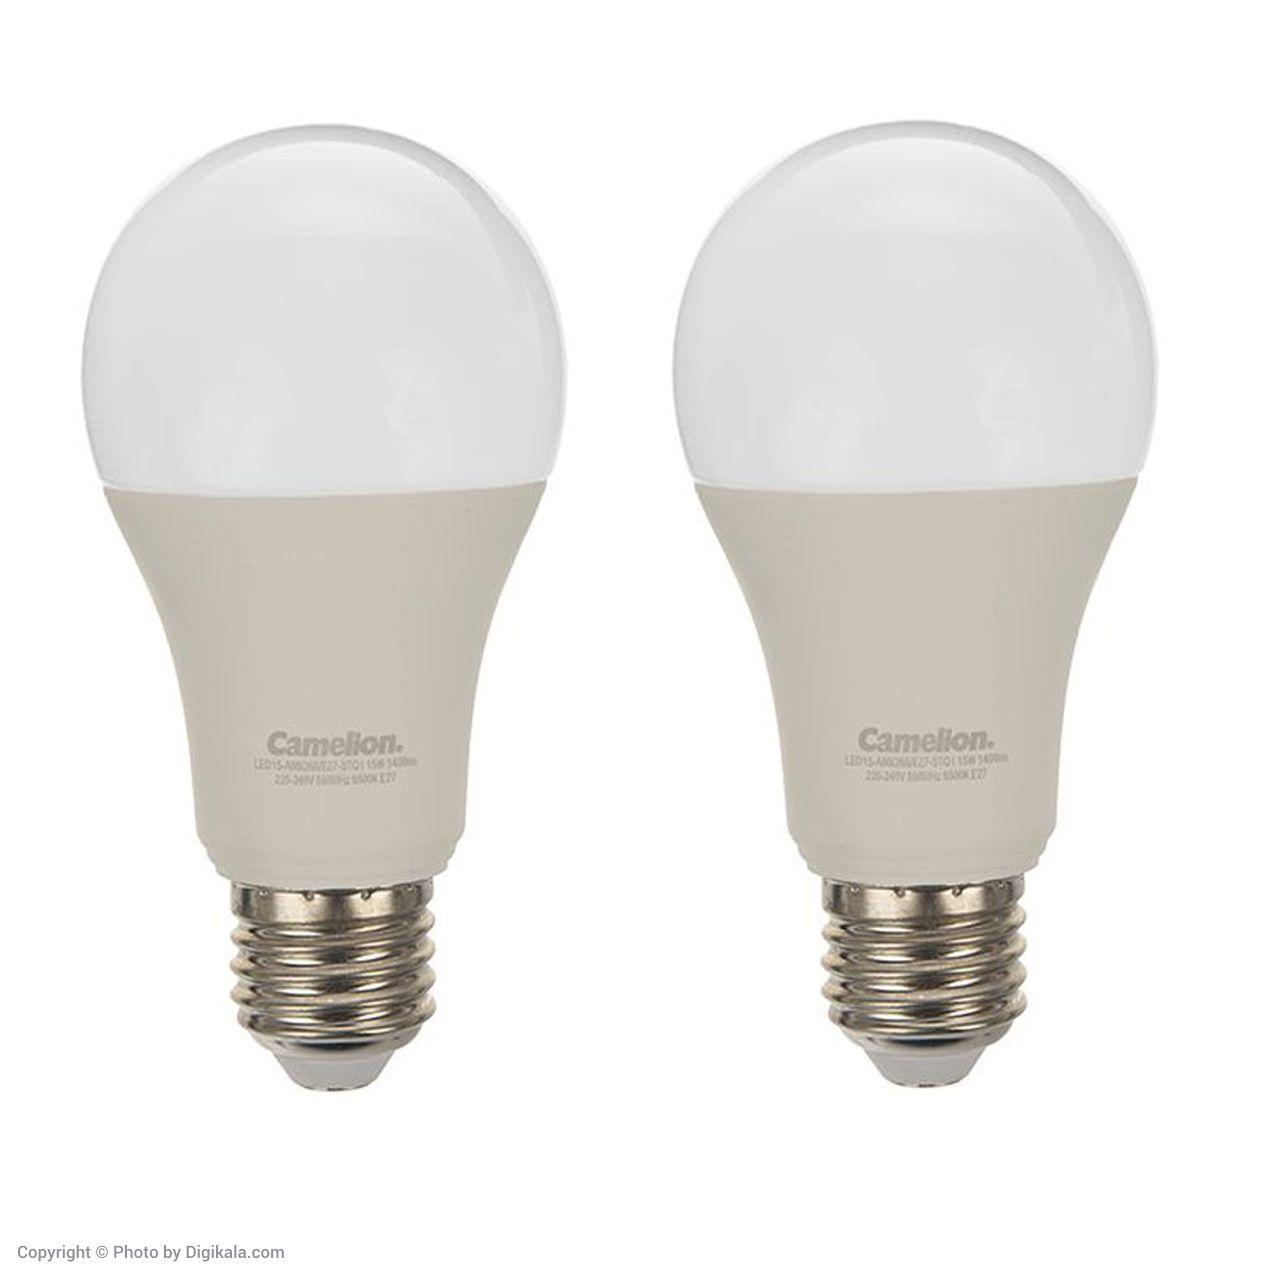 لامپ ال ای دی 15 وات کملیون مدل STQ1 پایه E27 بسته 2 عددی  main 1 1